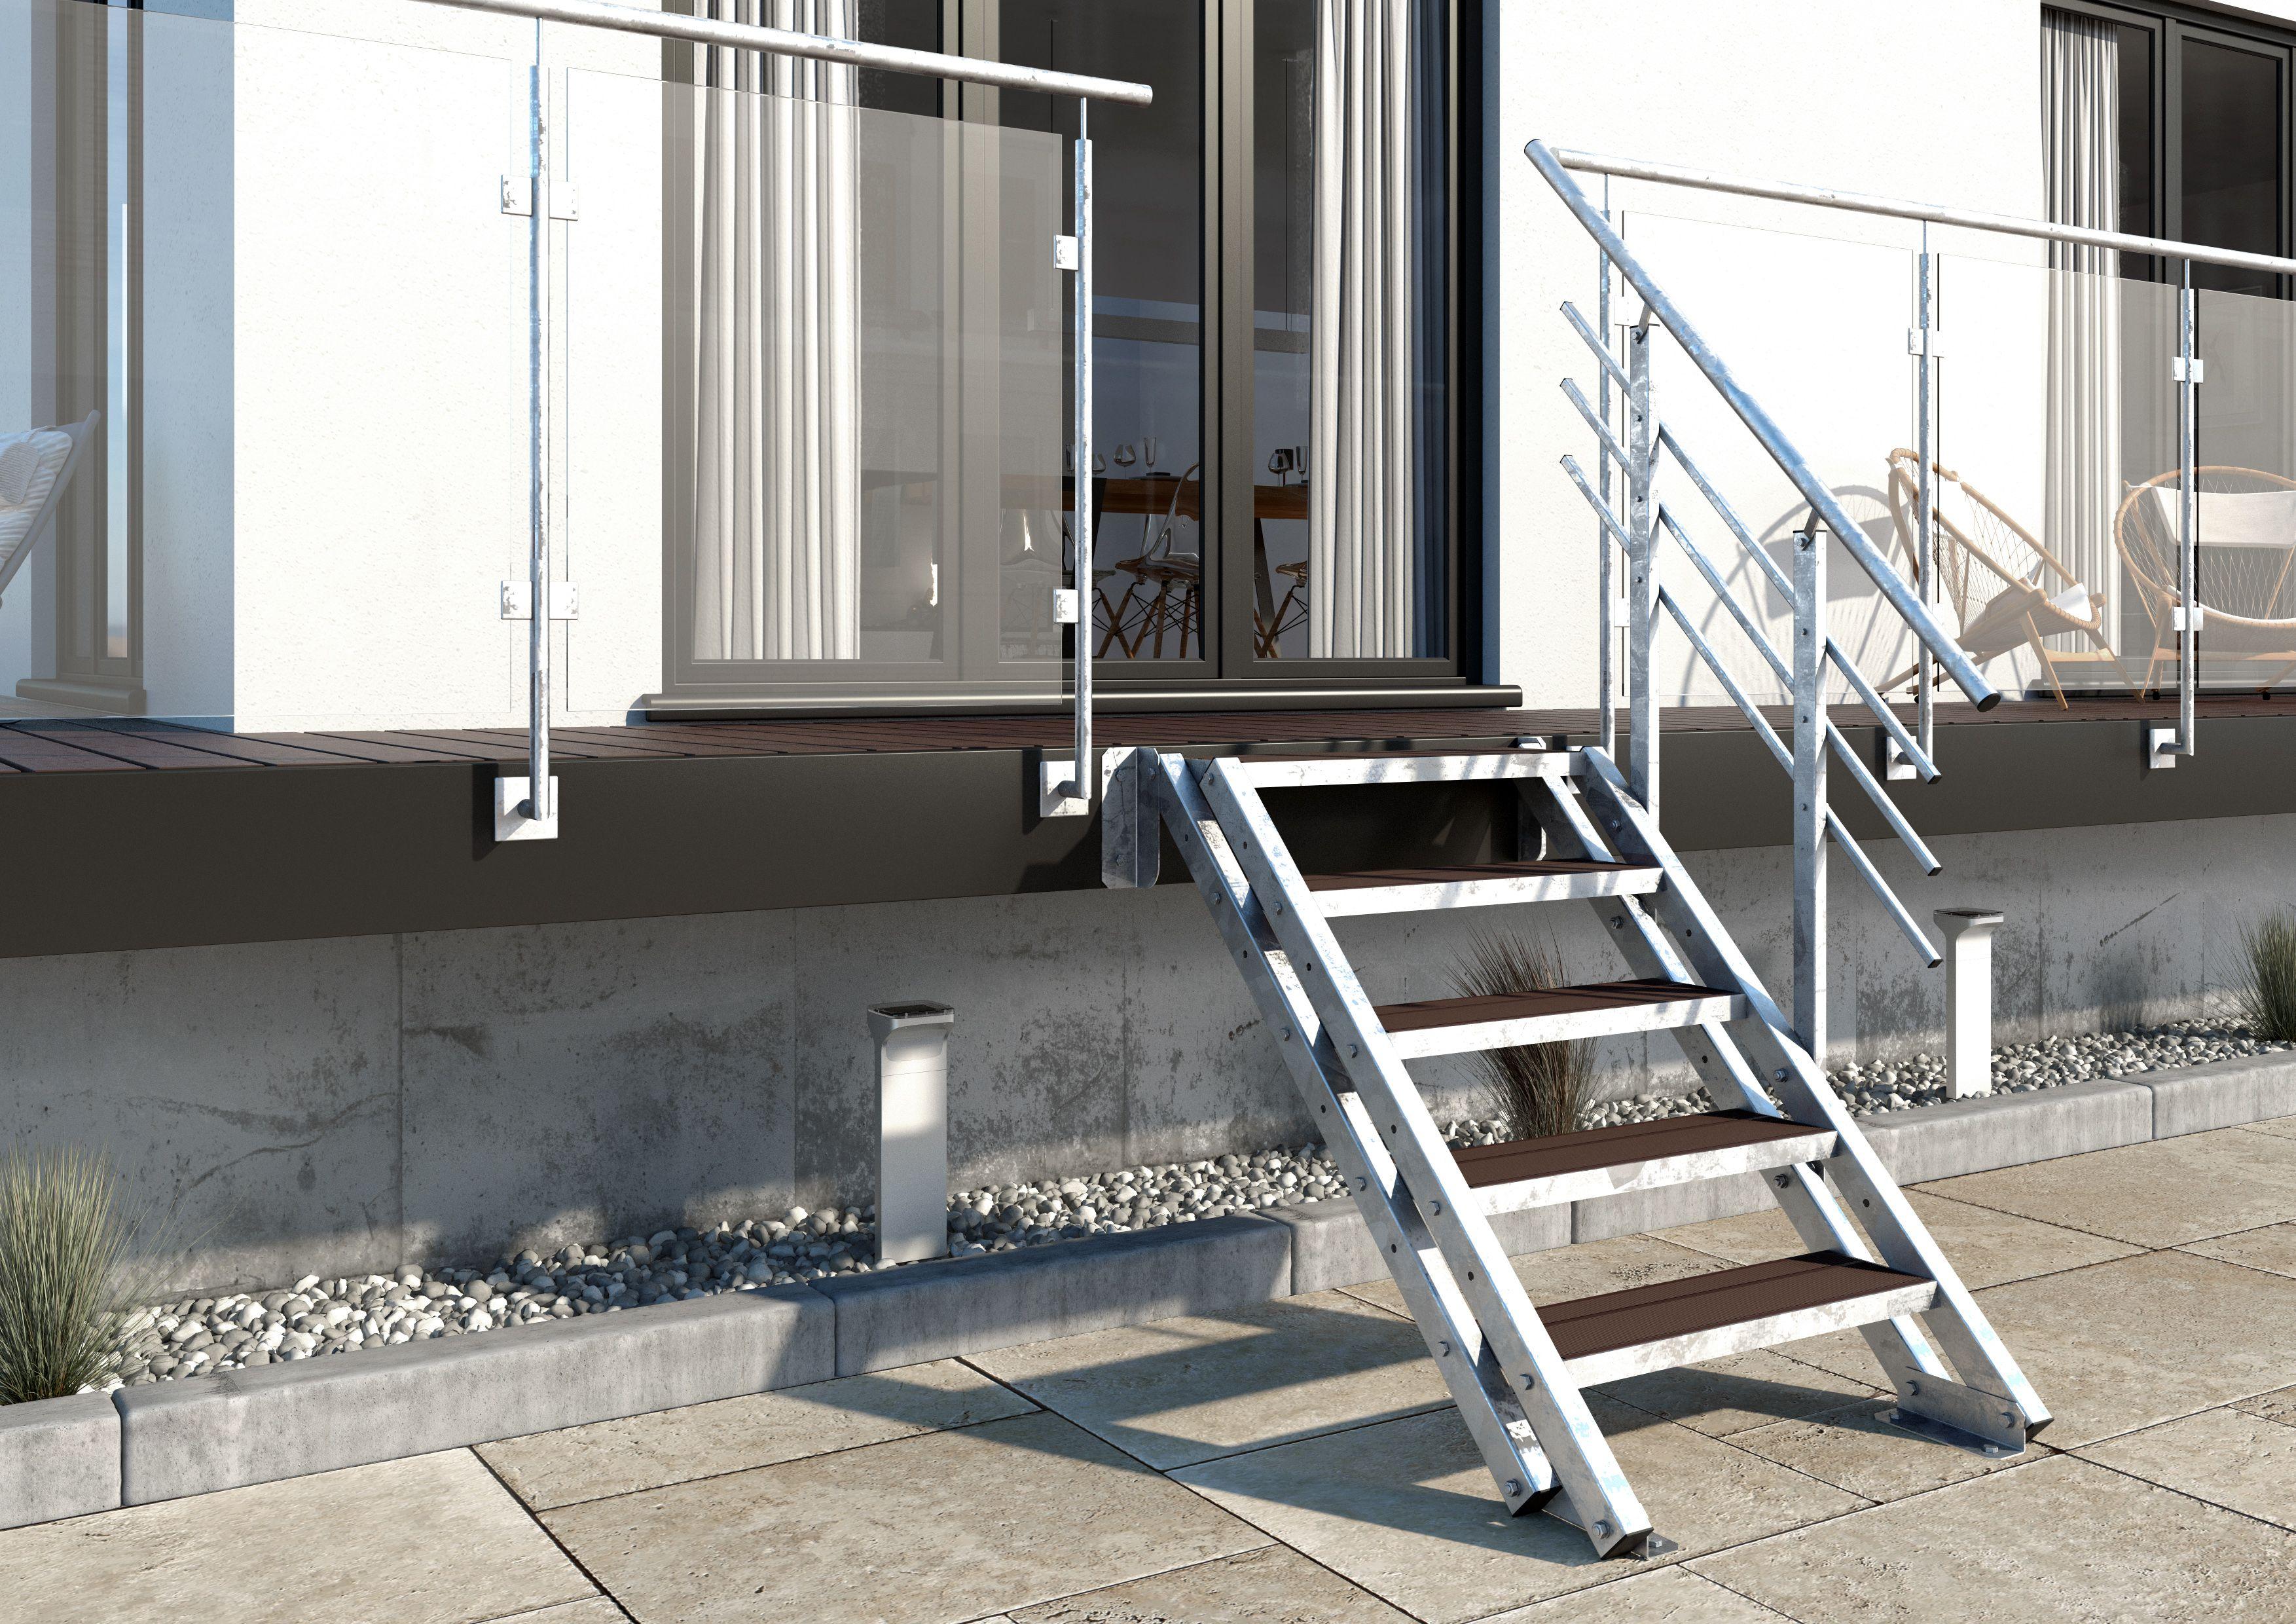 Aussentreppe New York 4 Stufen Gelander Einseitig Stufenbreite 80cm Stahlwangentreppe Gartentreppe Balkontrep Aussentreppe Treppe Terrassen Treppe